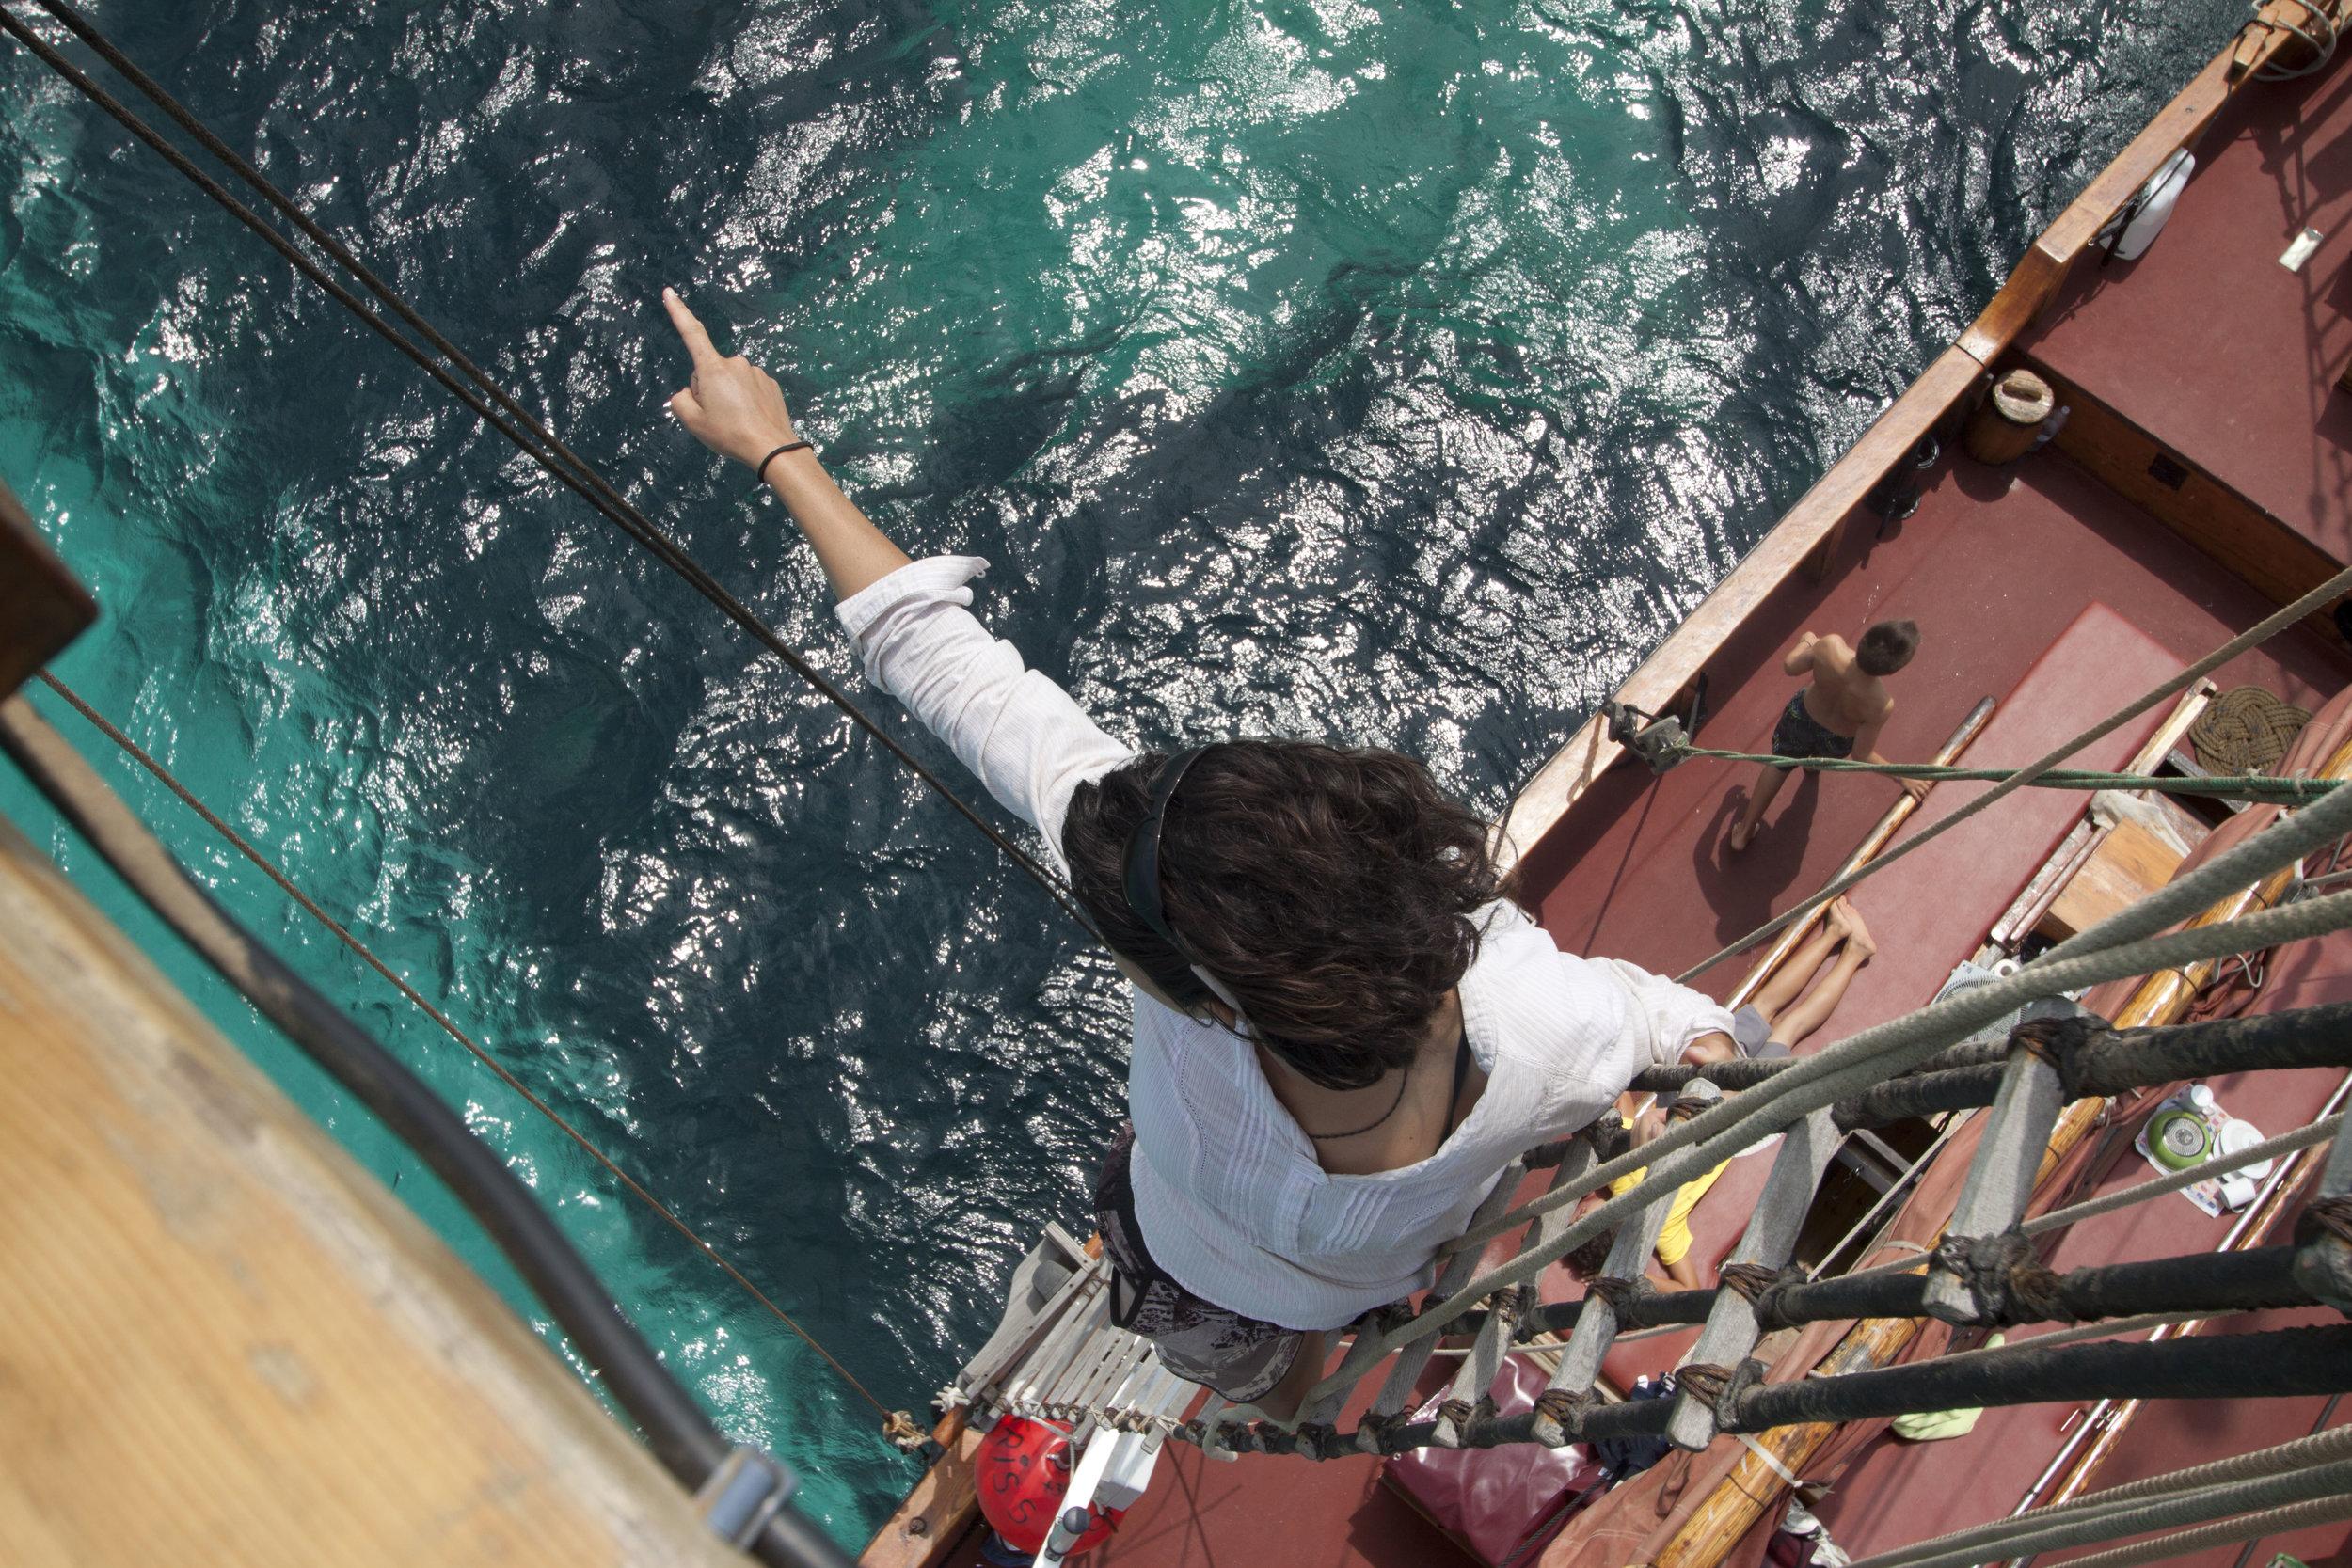 CIENCIA CIUDADANA Y PROYECTOS UNIVERSITARIOS - Nuestro programa de ciencia ciudadana es una gran oportunidad para aprender acerca de diferentes temas científicos marinos y al mismo tiempo contribuir a una causa que vale la pena. Nuestros cursos pueden satisfacer las necesidades de estudiantes y graduados, en biología marina y oceanografía, proporcionando experiencia de campo y créditos universitarios.